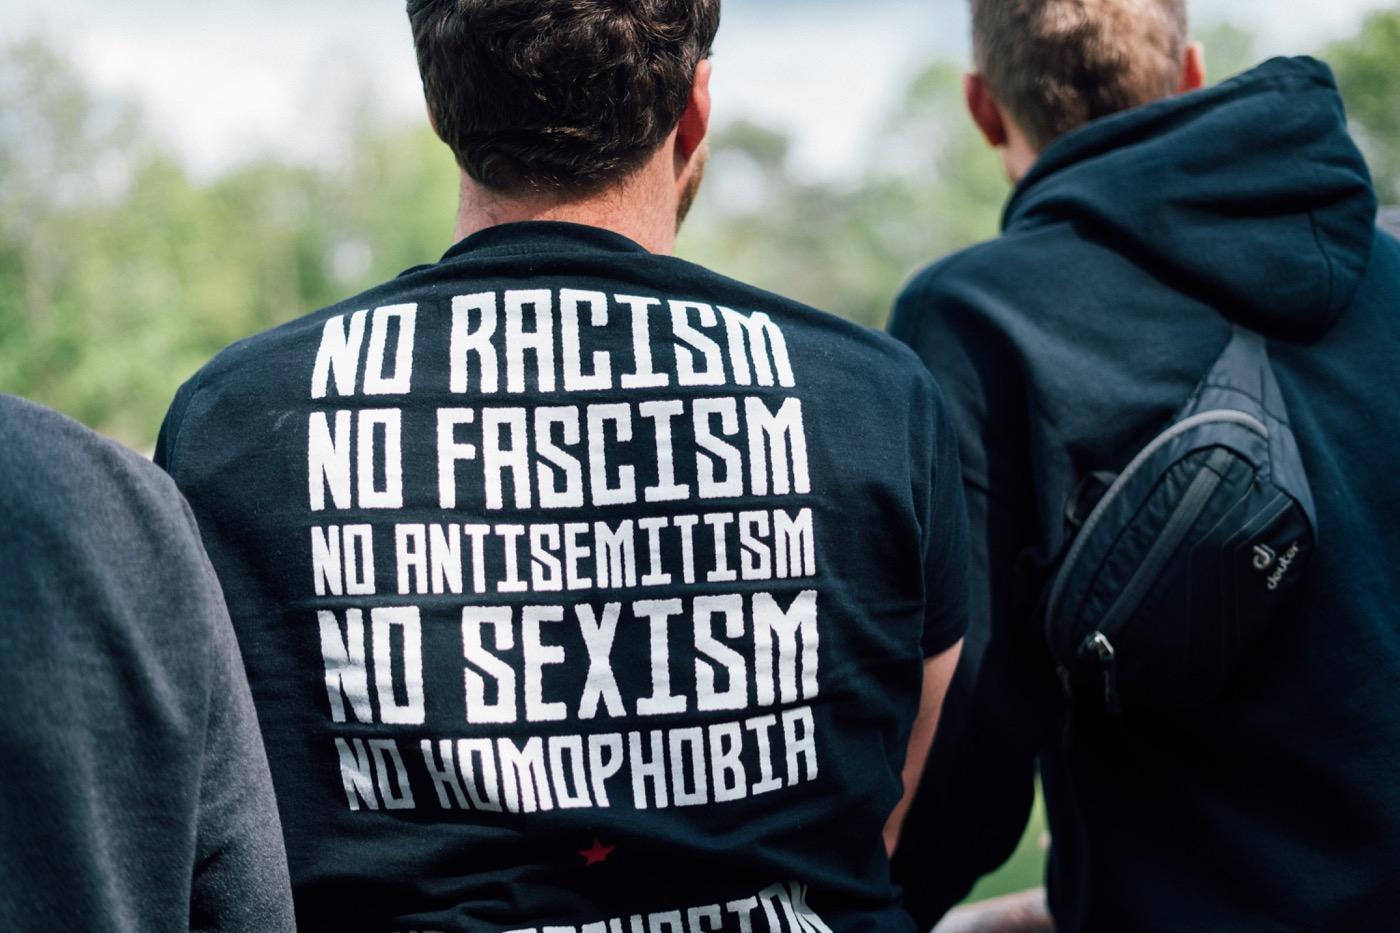 Eine antifaschistische Haltung gehört zum Selbstverständnis der Sterne.